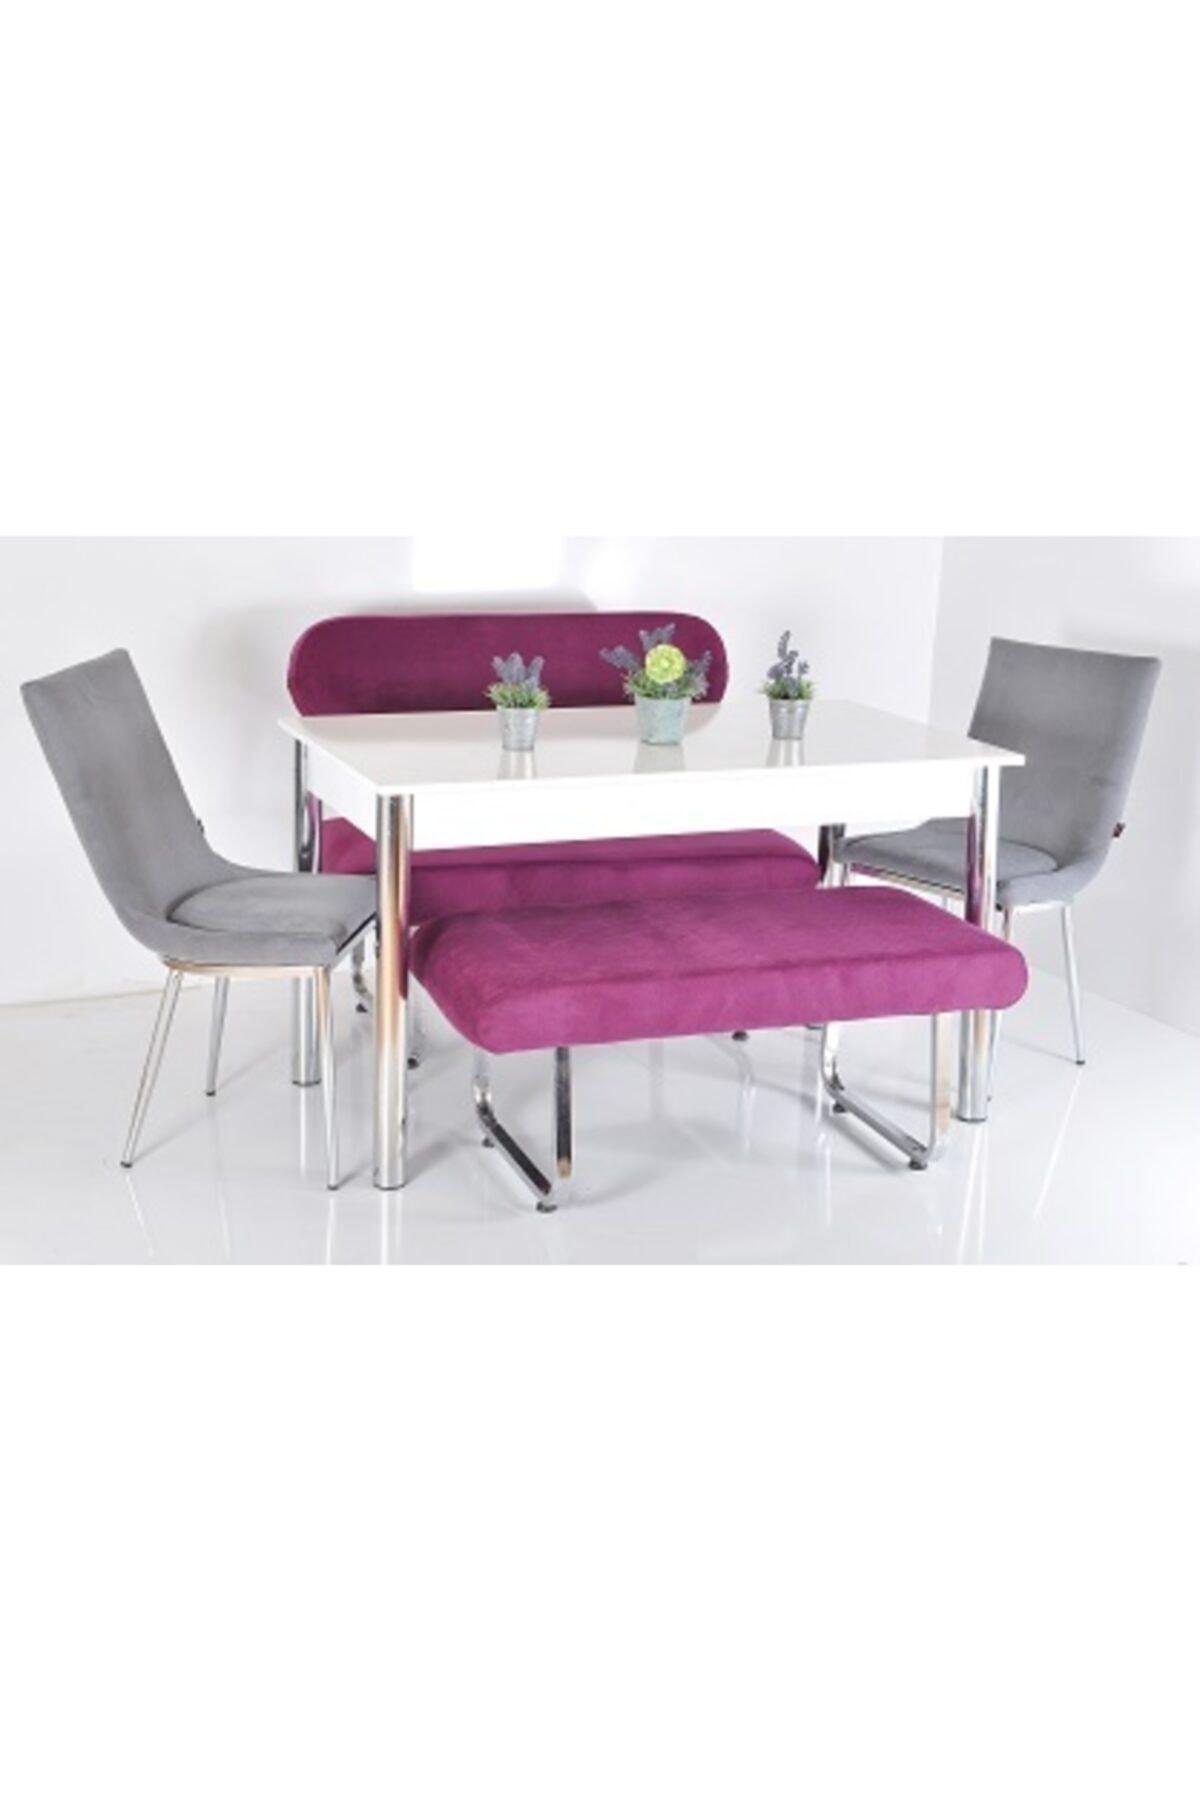 Kaktüs Avm 6 Kişilik Masa Sandalye Takımı Banklı Mutfak Masası Bank Takımı Masa Takımı Mutfak Masası Yemek Masa 1